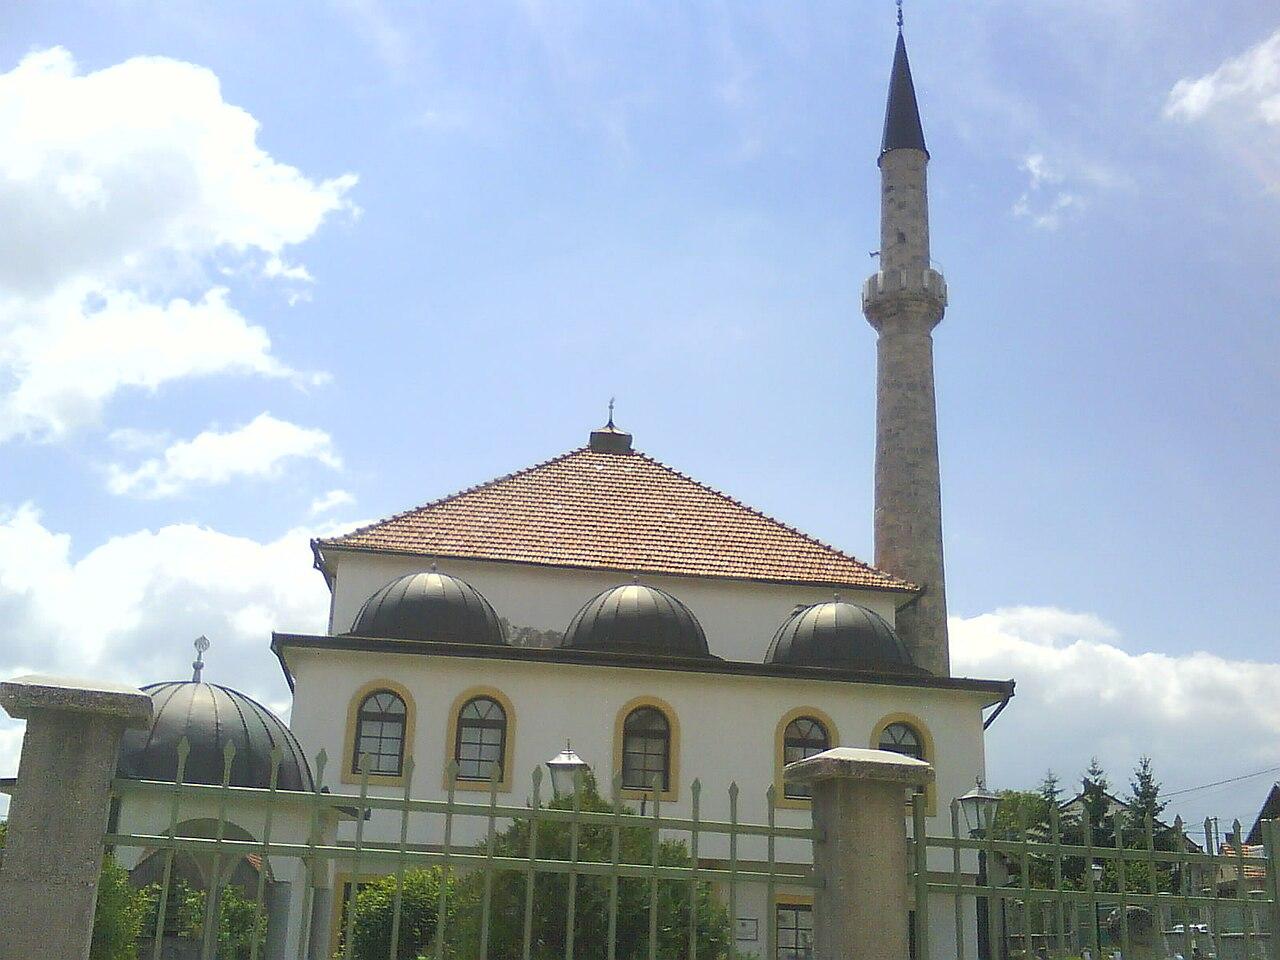 File:Džudža-Džaferova džamija,TG.567.jpg - Wikimedia Commons